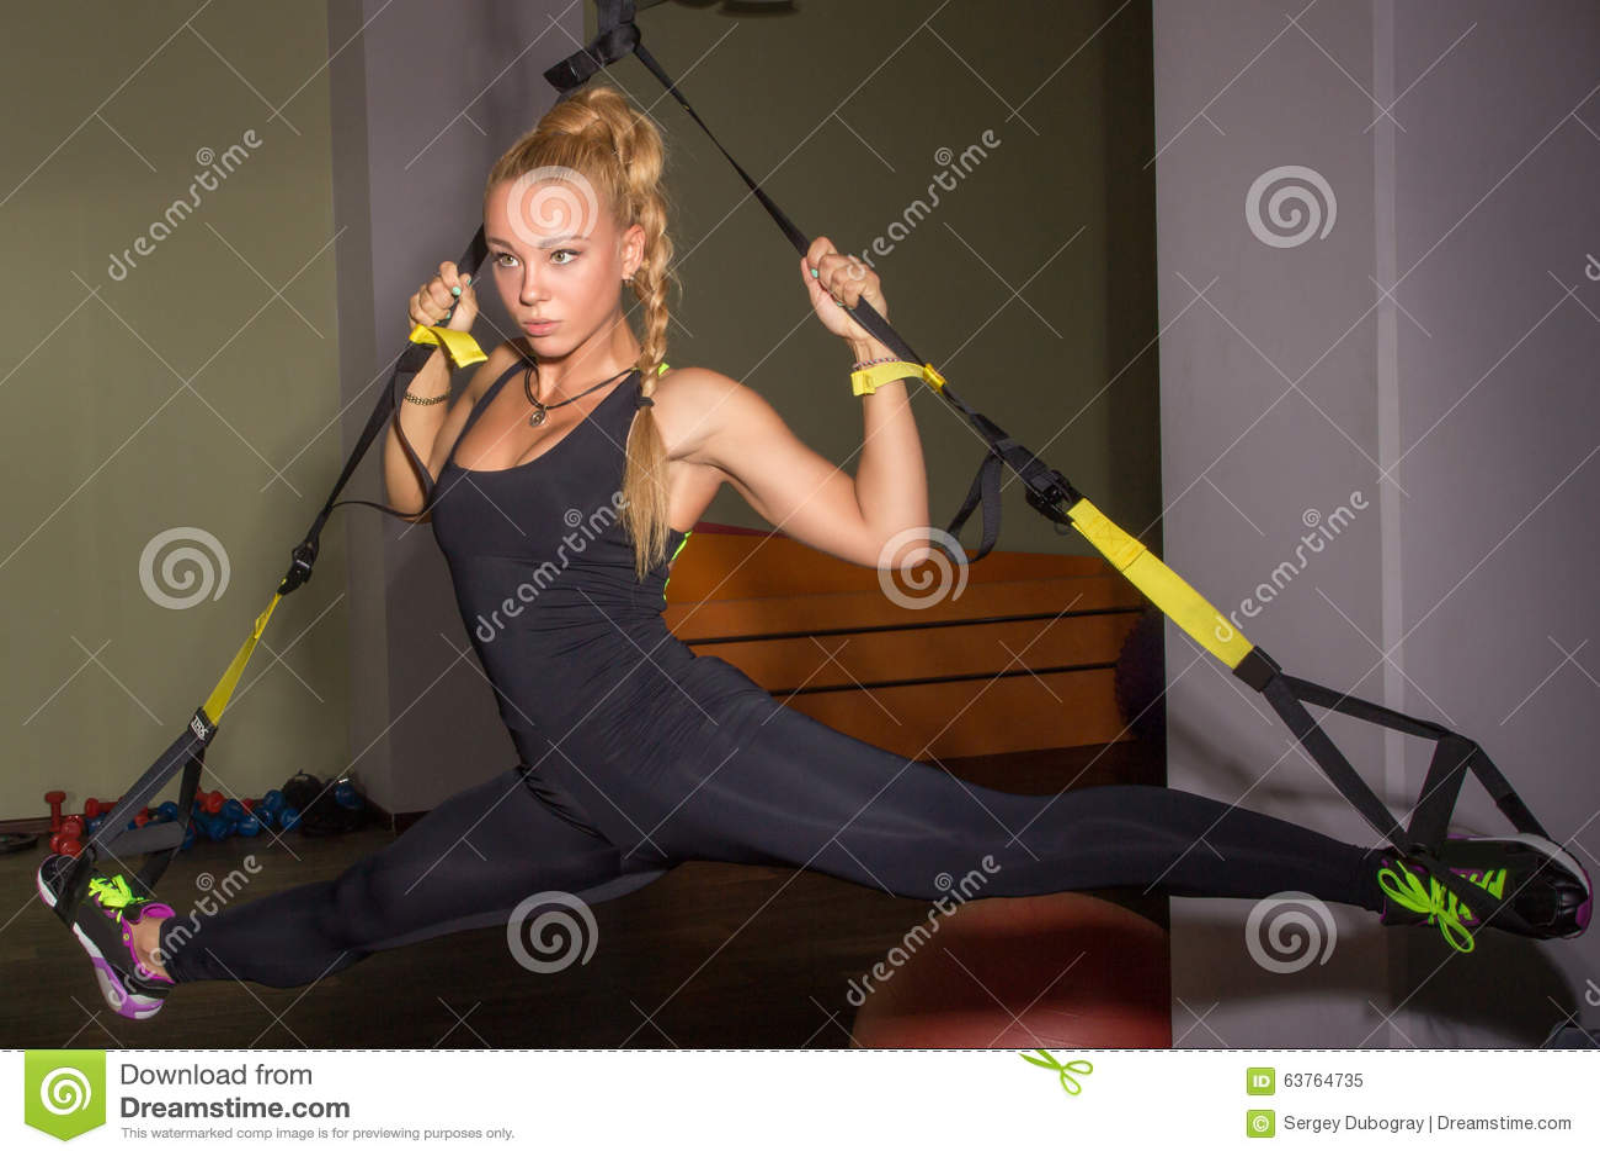 دانلود اهنگ ورزشی قشنگ